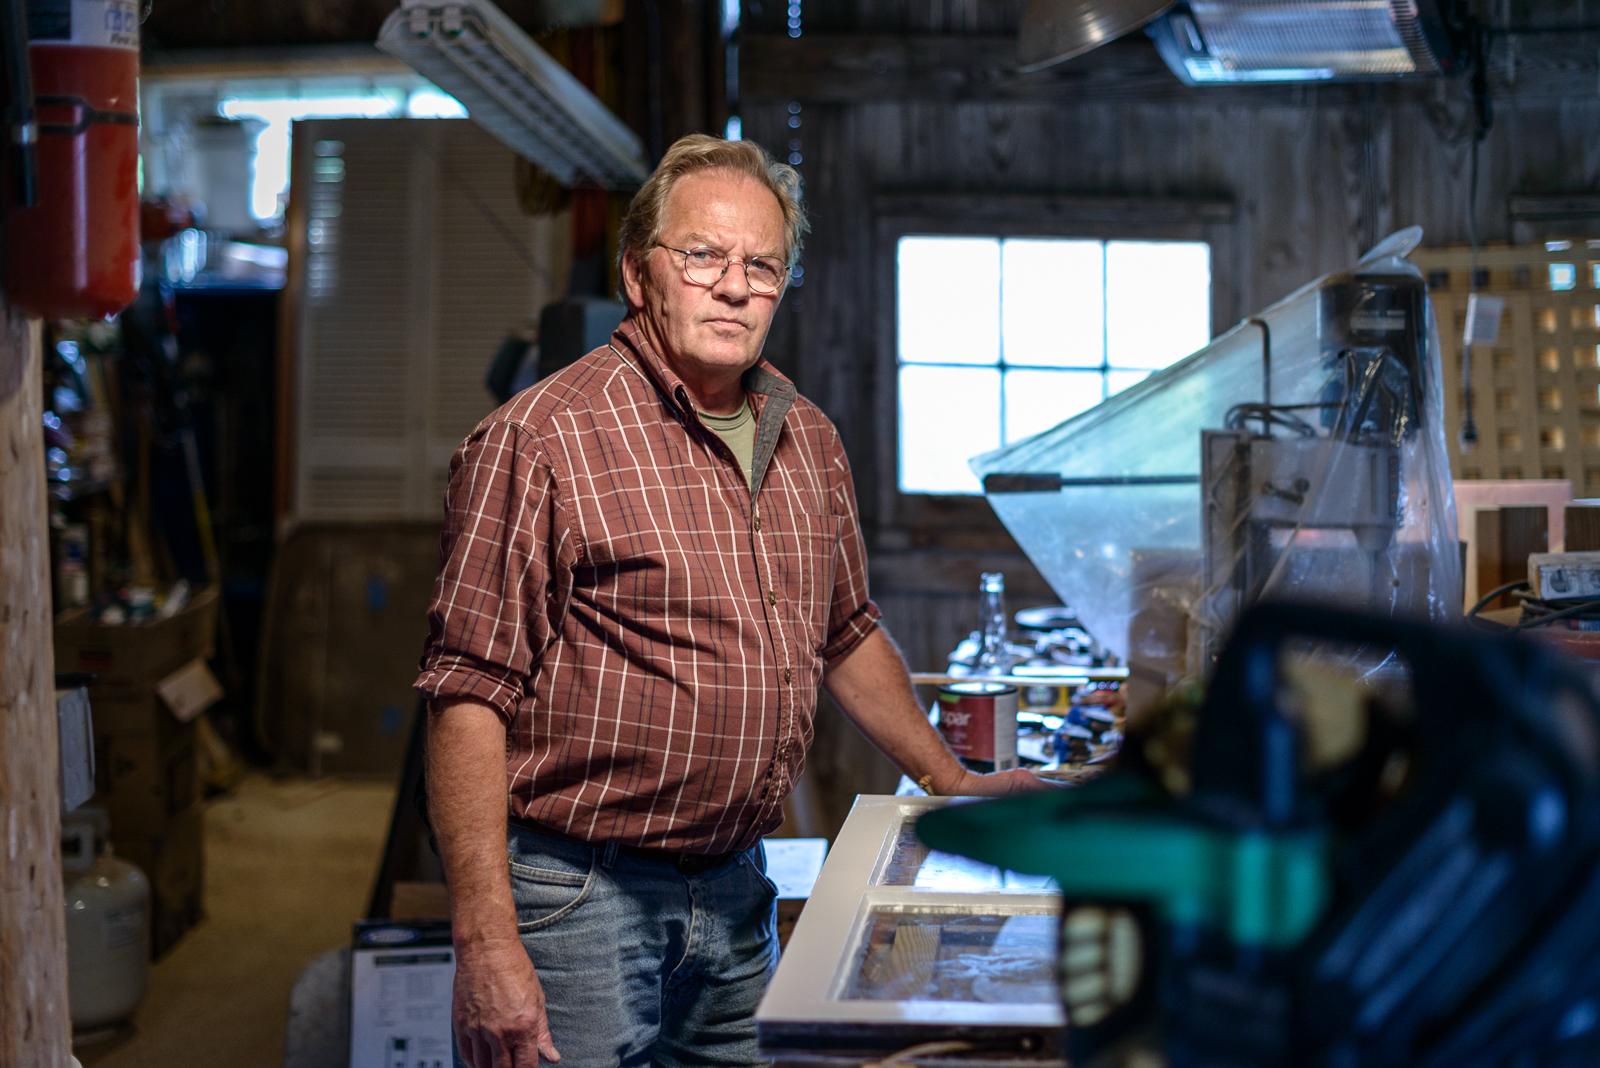 Tim in his Workshop, Waterford, Virginia, 2015 © Nate Larson